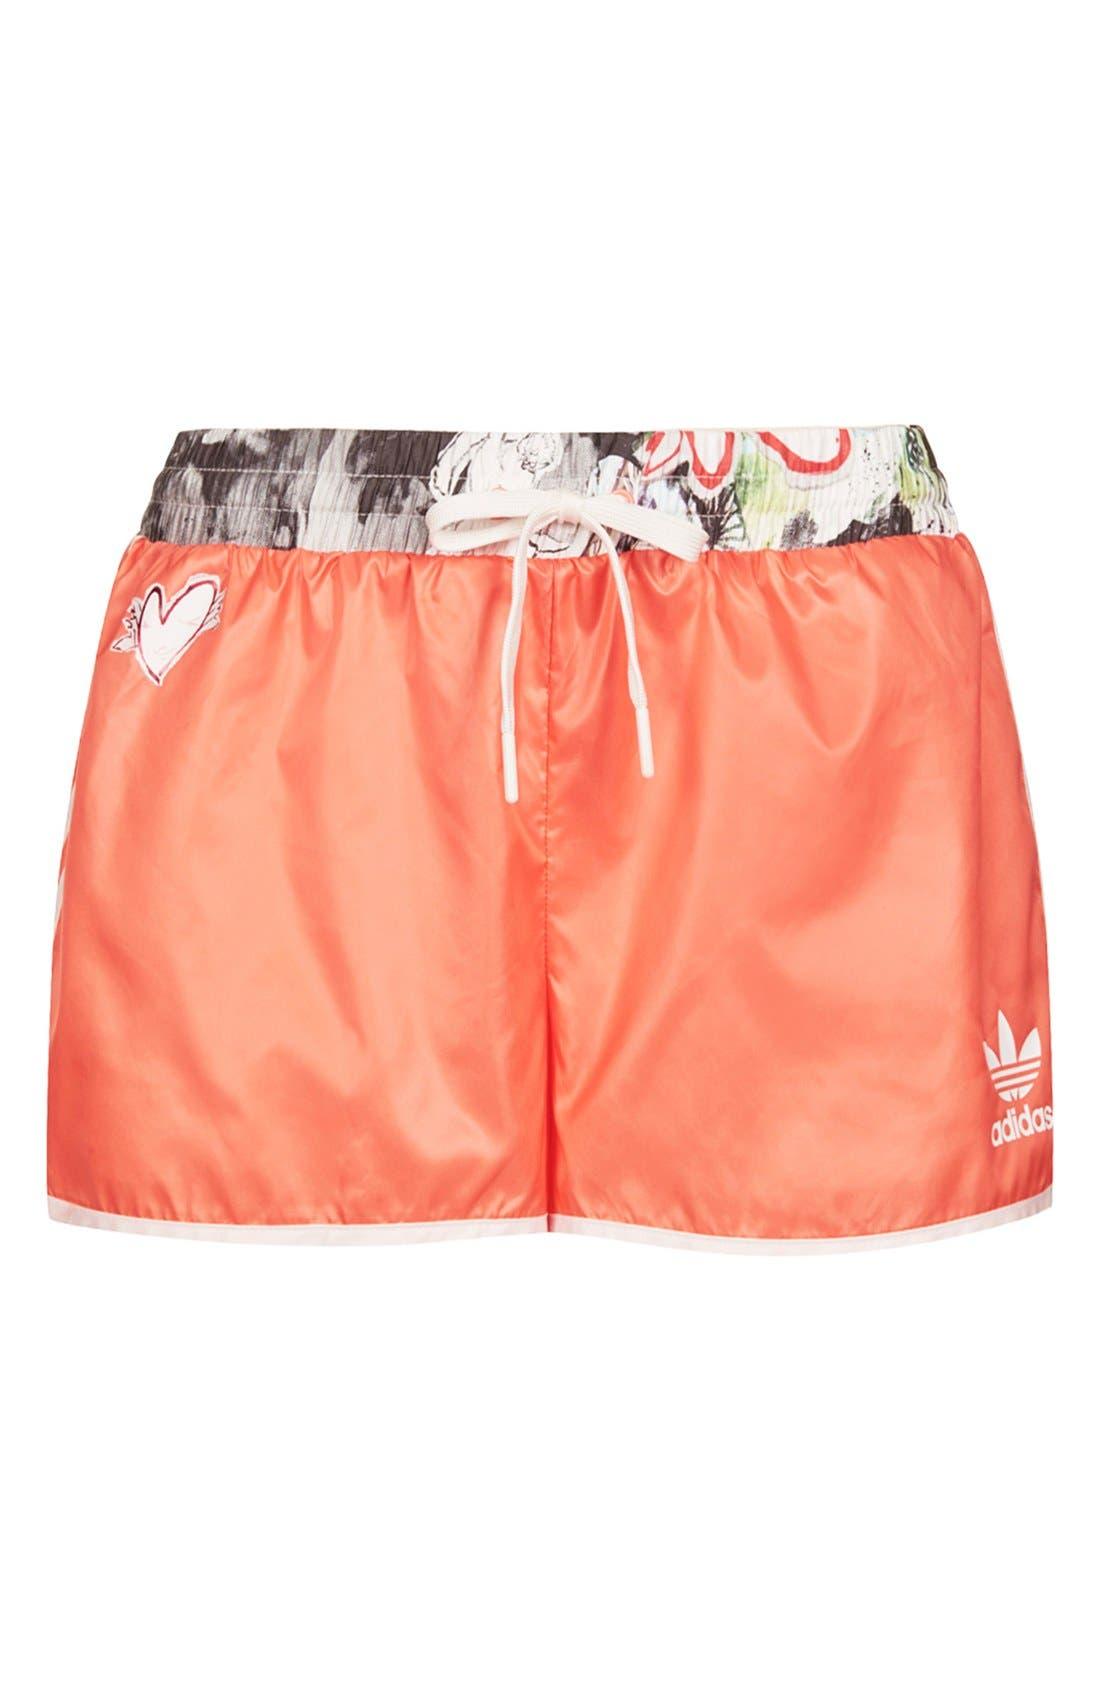 Alternate Image 3  - Topshop x adidas Originals Orange Shorts